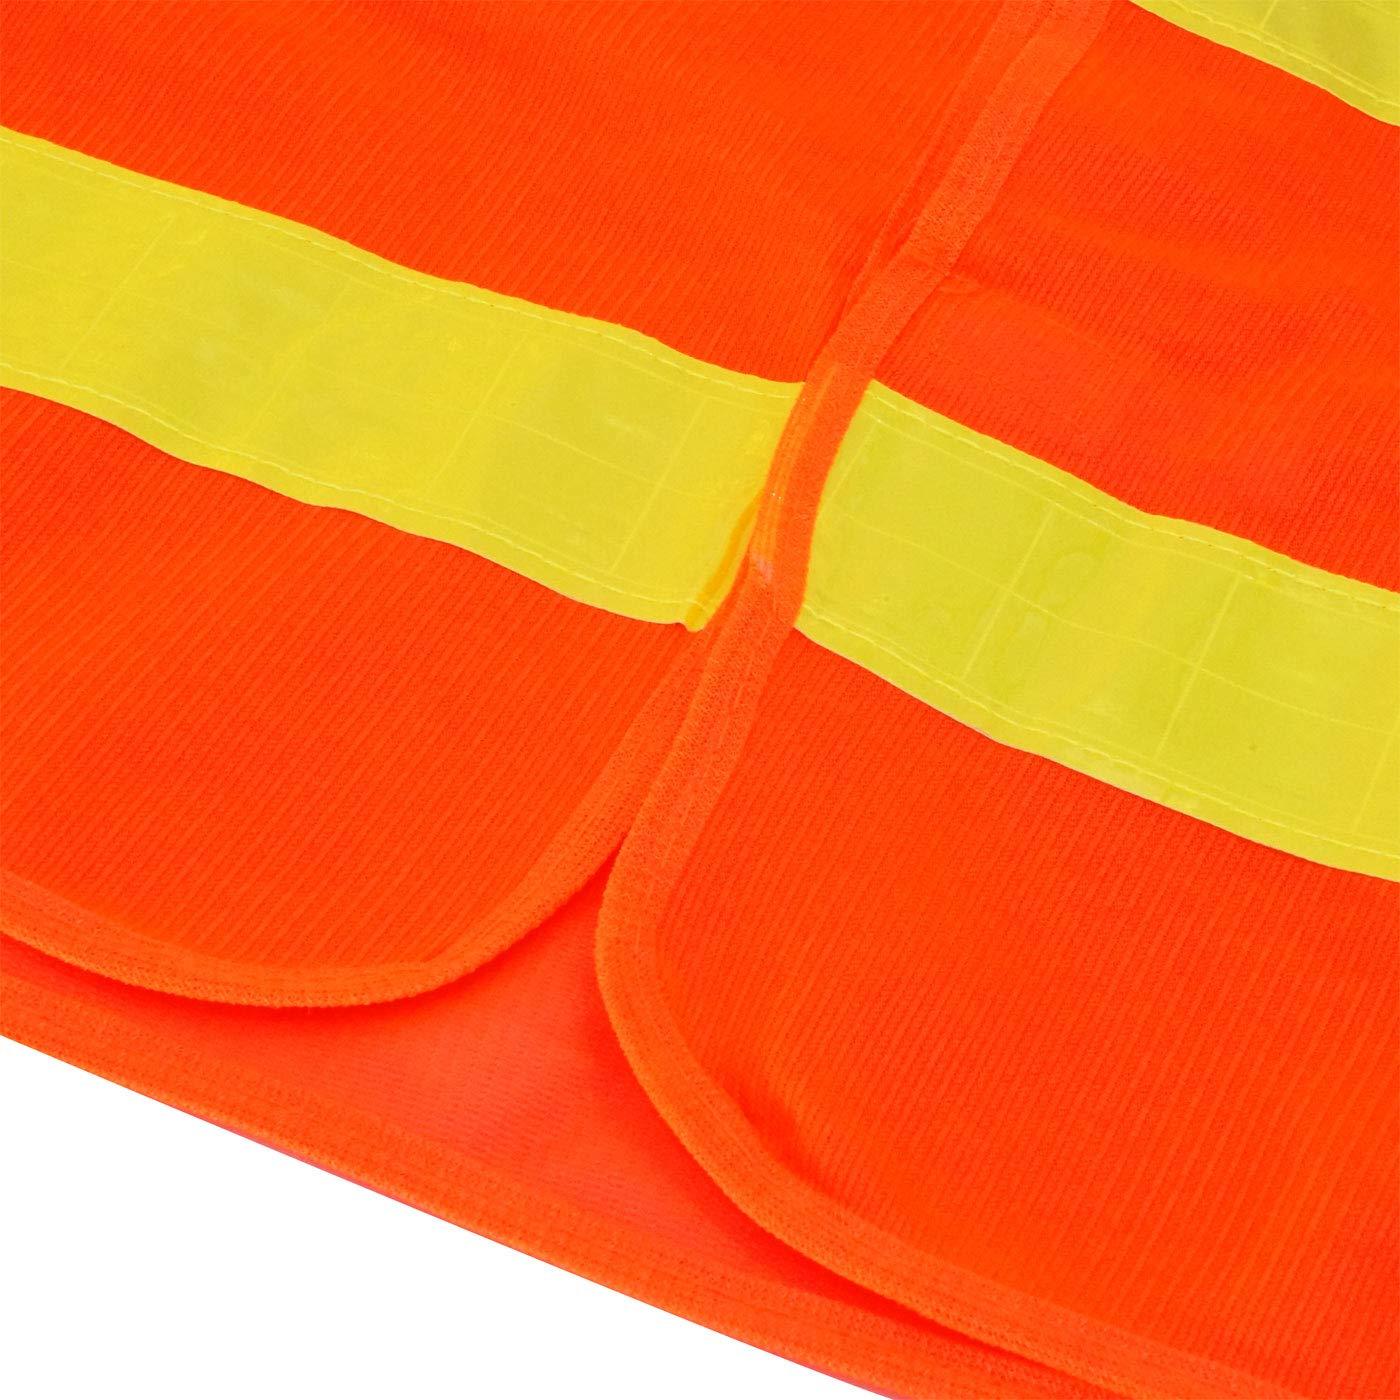 5 pi/èces Veste R/éfl/échissante Cyclisme Jogging Moto Auto Color/és Gilet de Securit/é en Maille Haute Visibilite L/éger Velcro Col V AIEOE